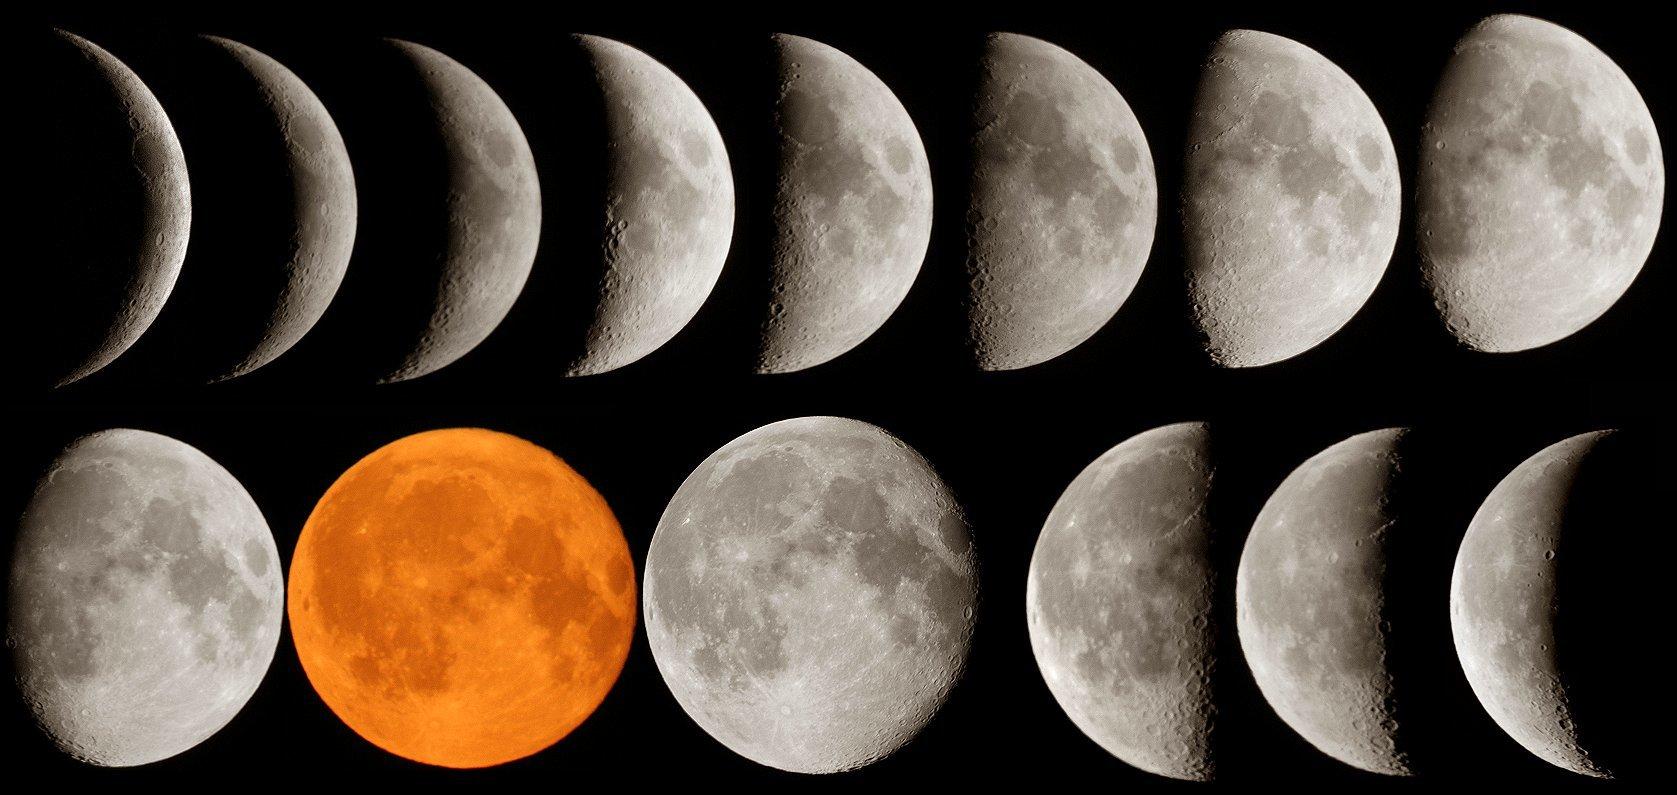 И снова про фотографирование Луны подручными средствами - 7